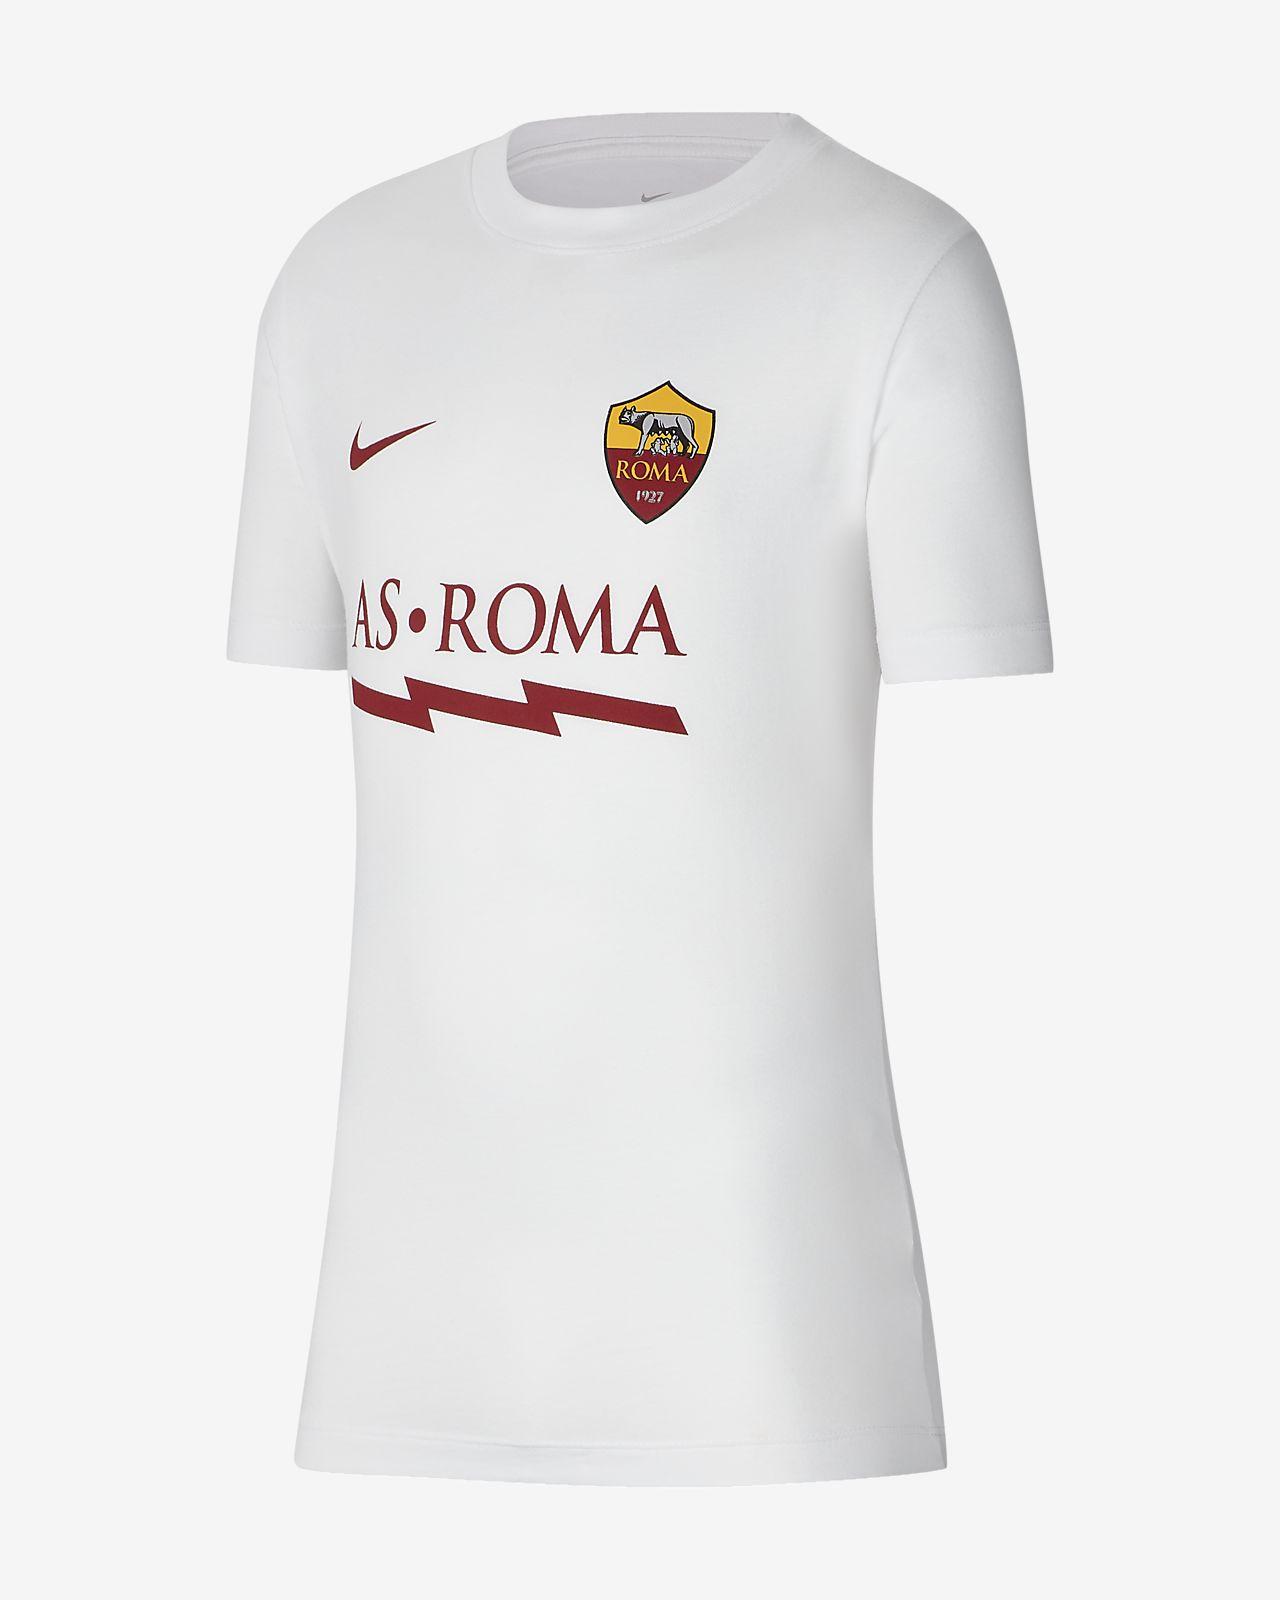 Playera de fútbol para niños talla grande A.S. Roma